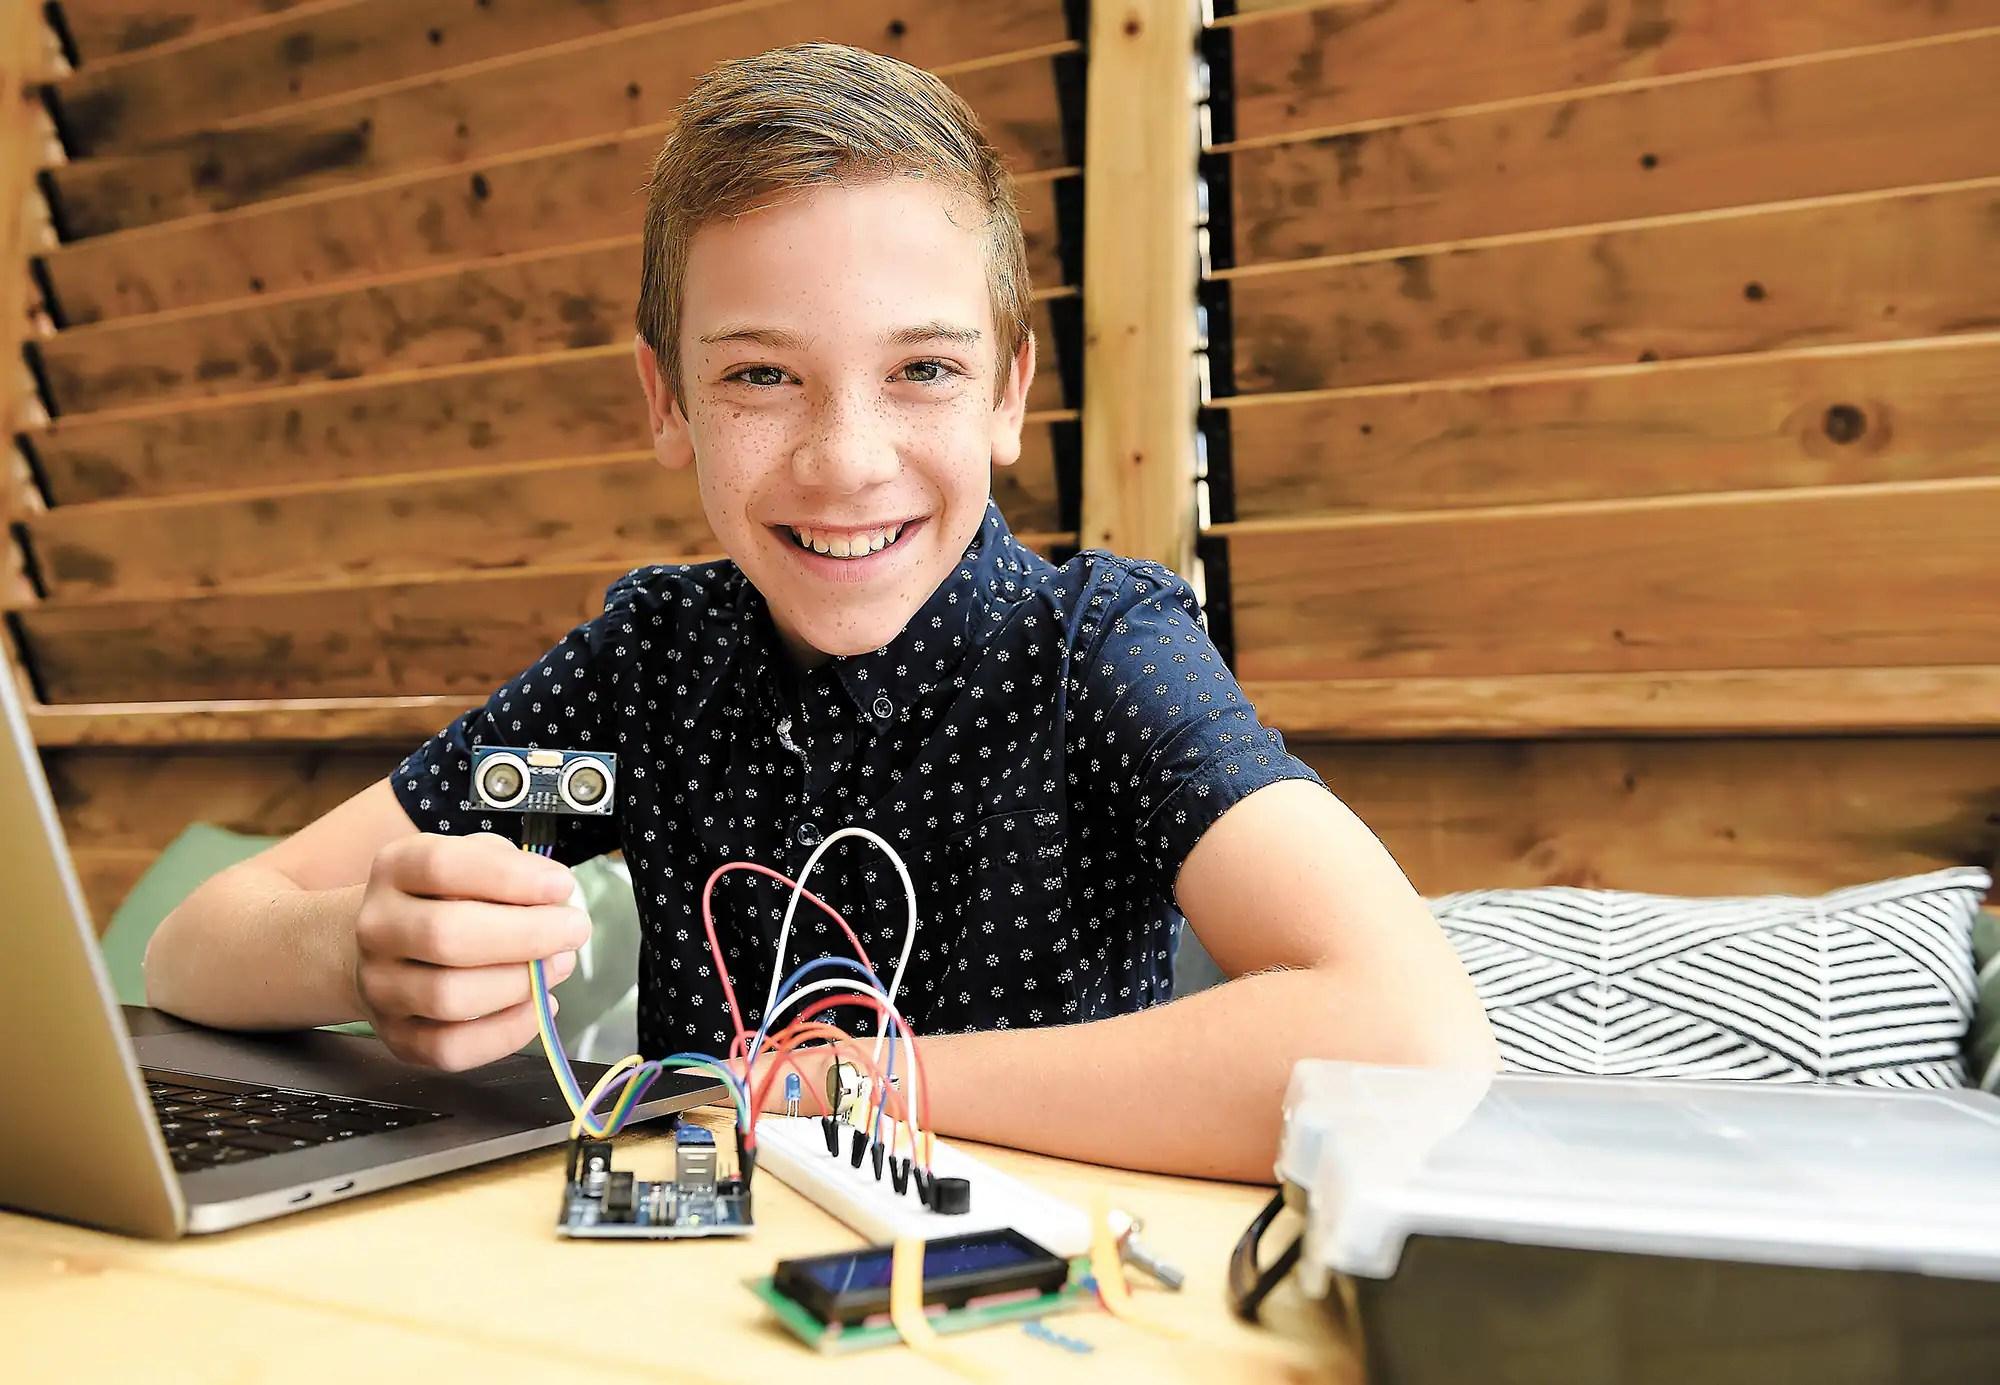 [PHOTOS] À 11 ans, il invente un dispositif pour chronométrer le lavage des mains